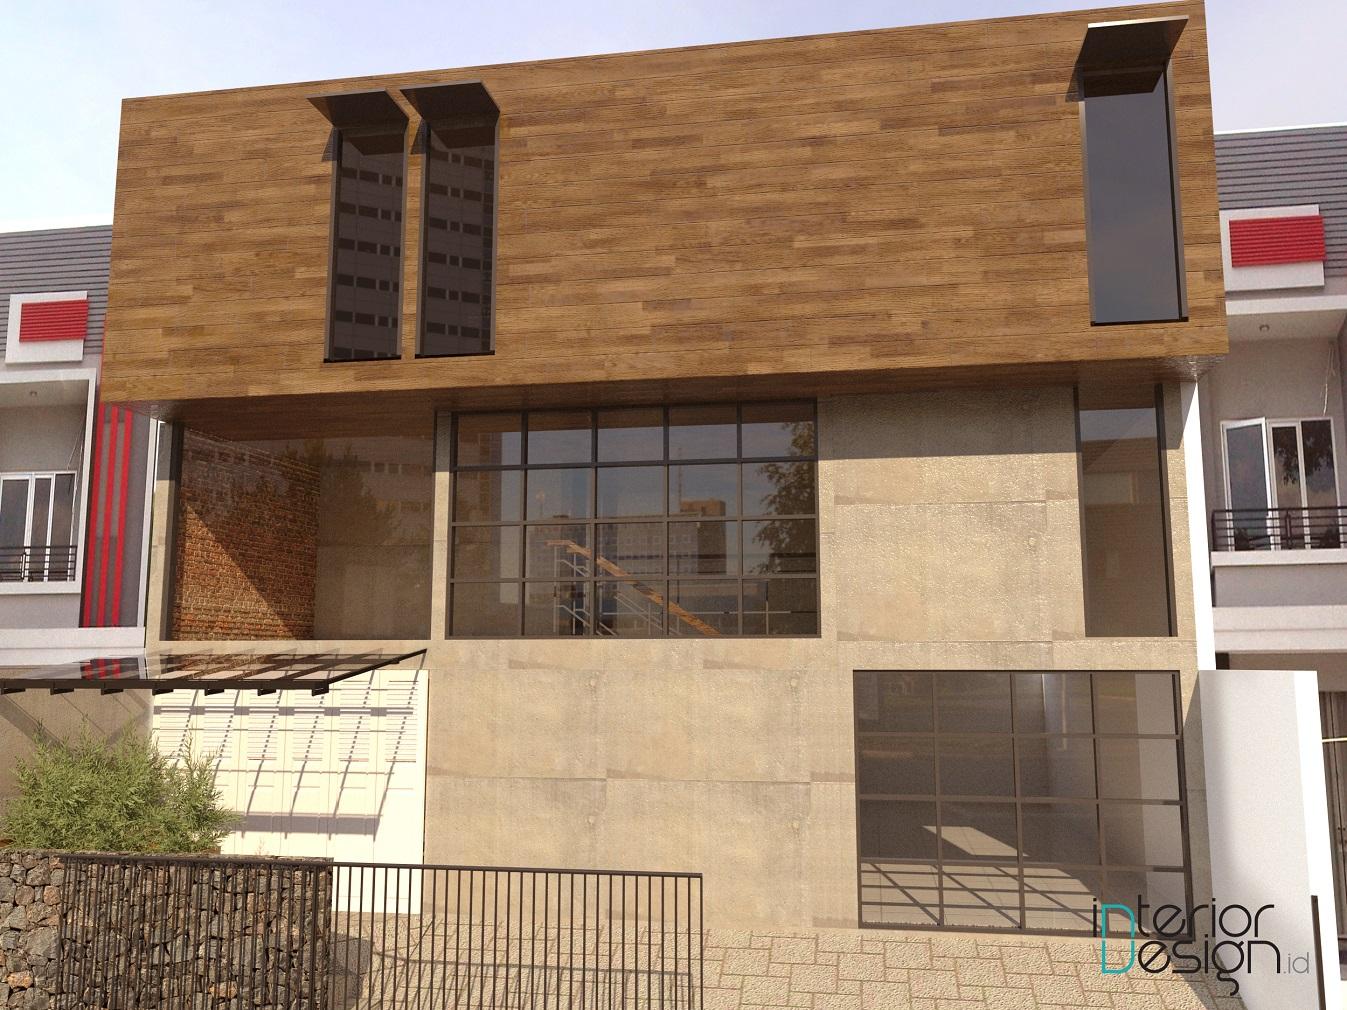 facade rumah minimalis tampak depan